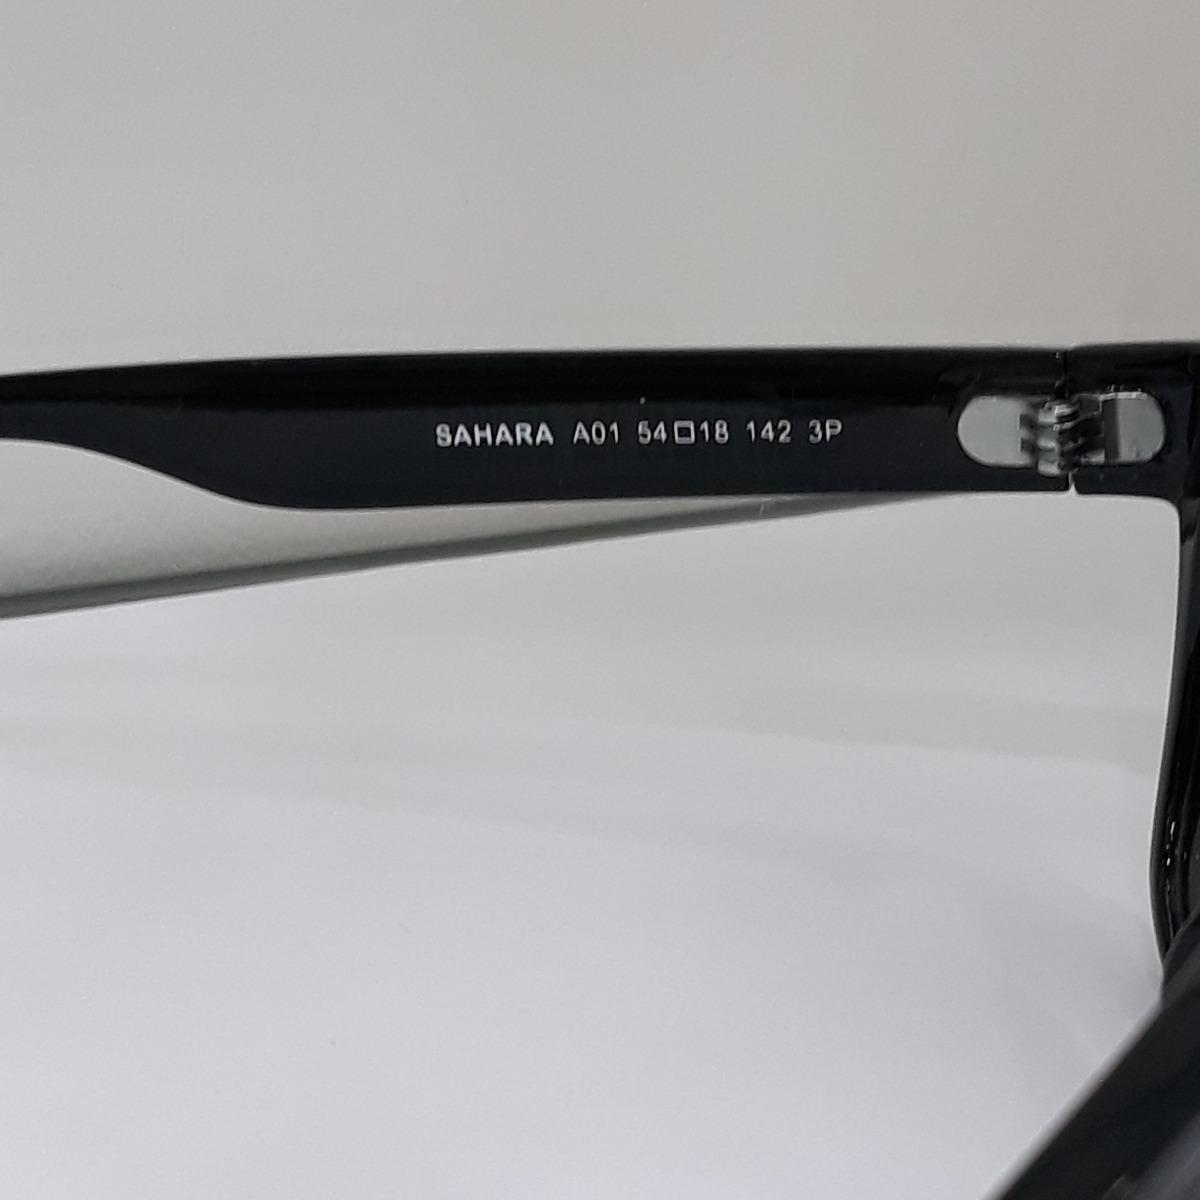 c66795276a0c4 óculos de sol speedo modelo sahara com lente polarizada. Carregando zoom.